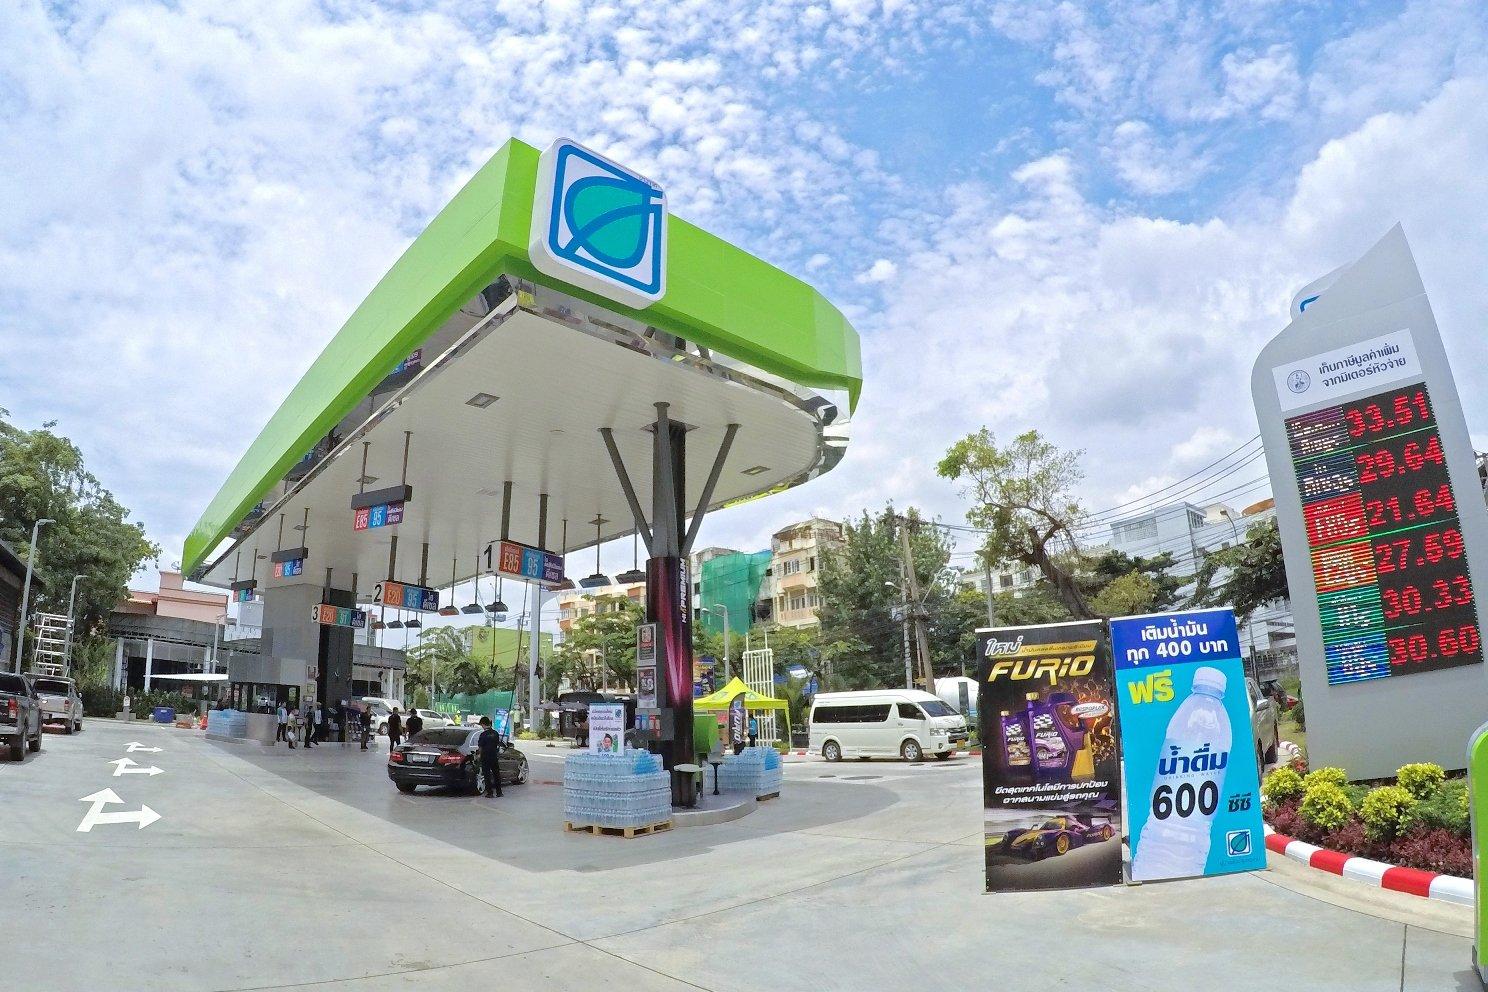 บางจากฯ เติมความสุขให้คนไทย ไม่ขึ้นราคาน้ำมันช่วงสงกรานต์